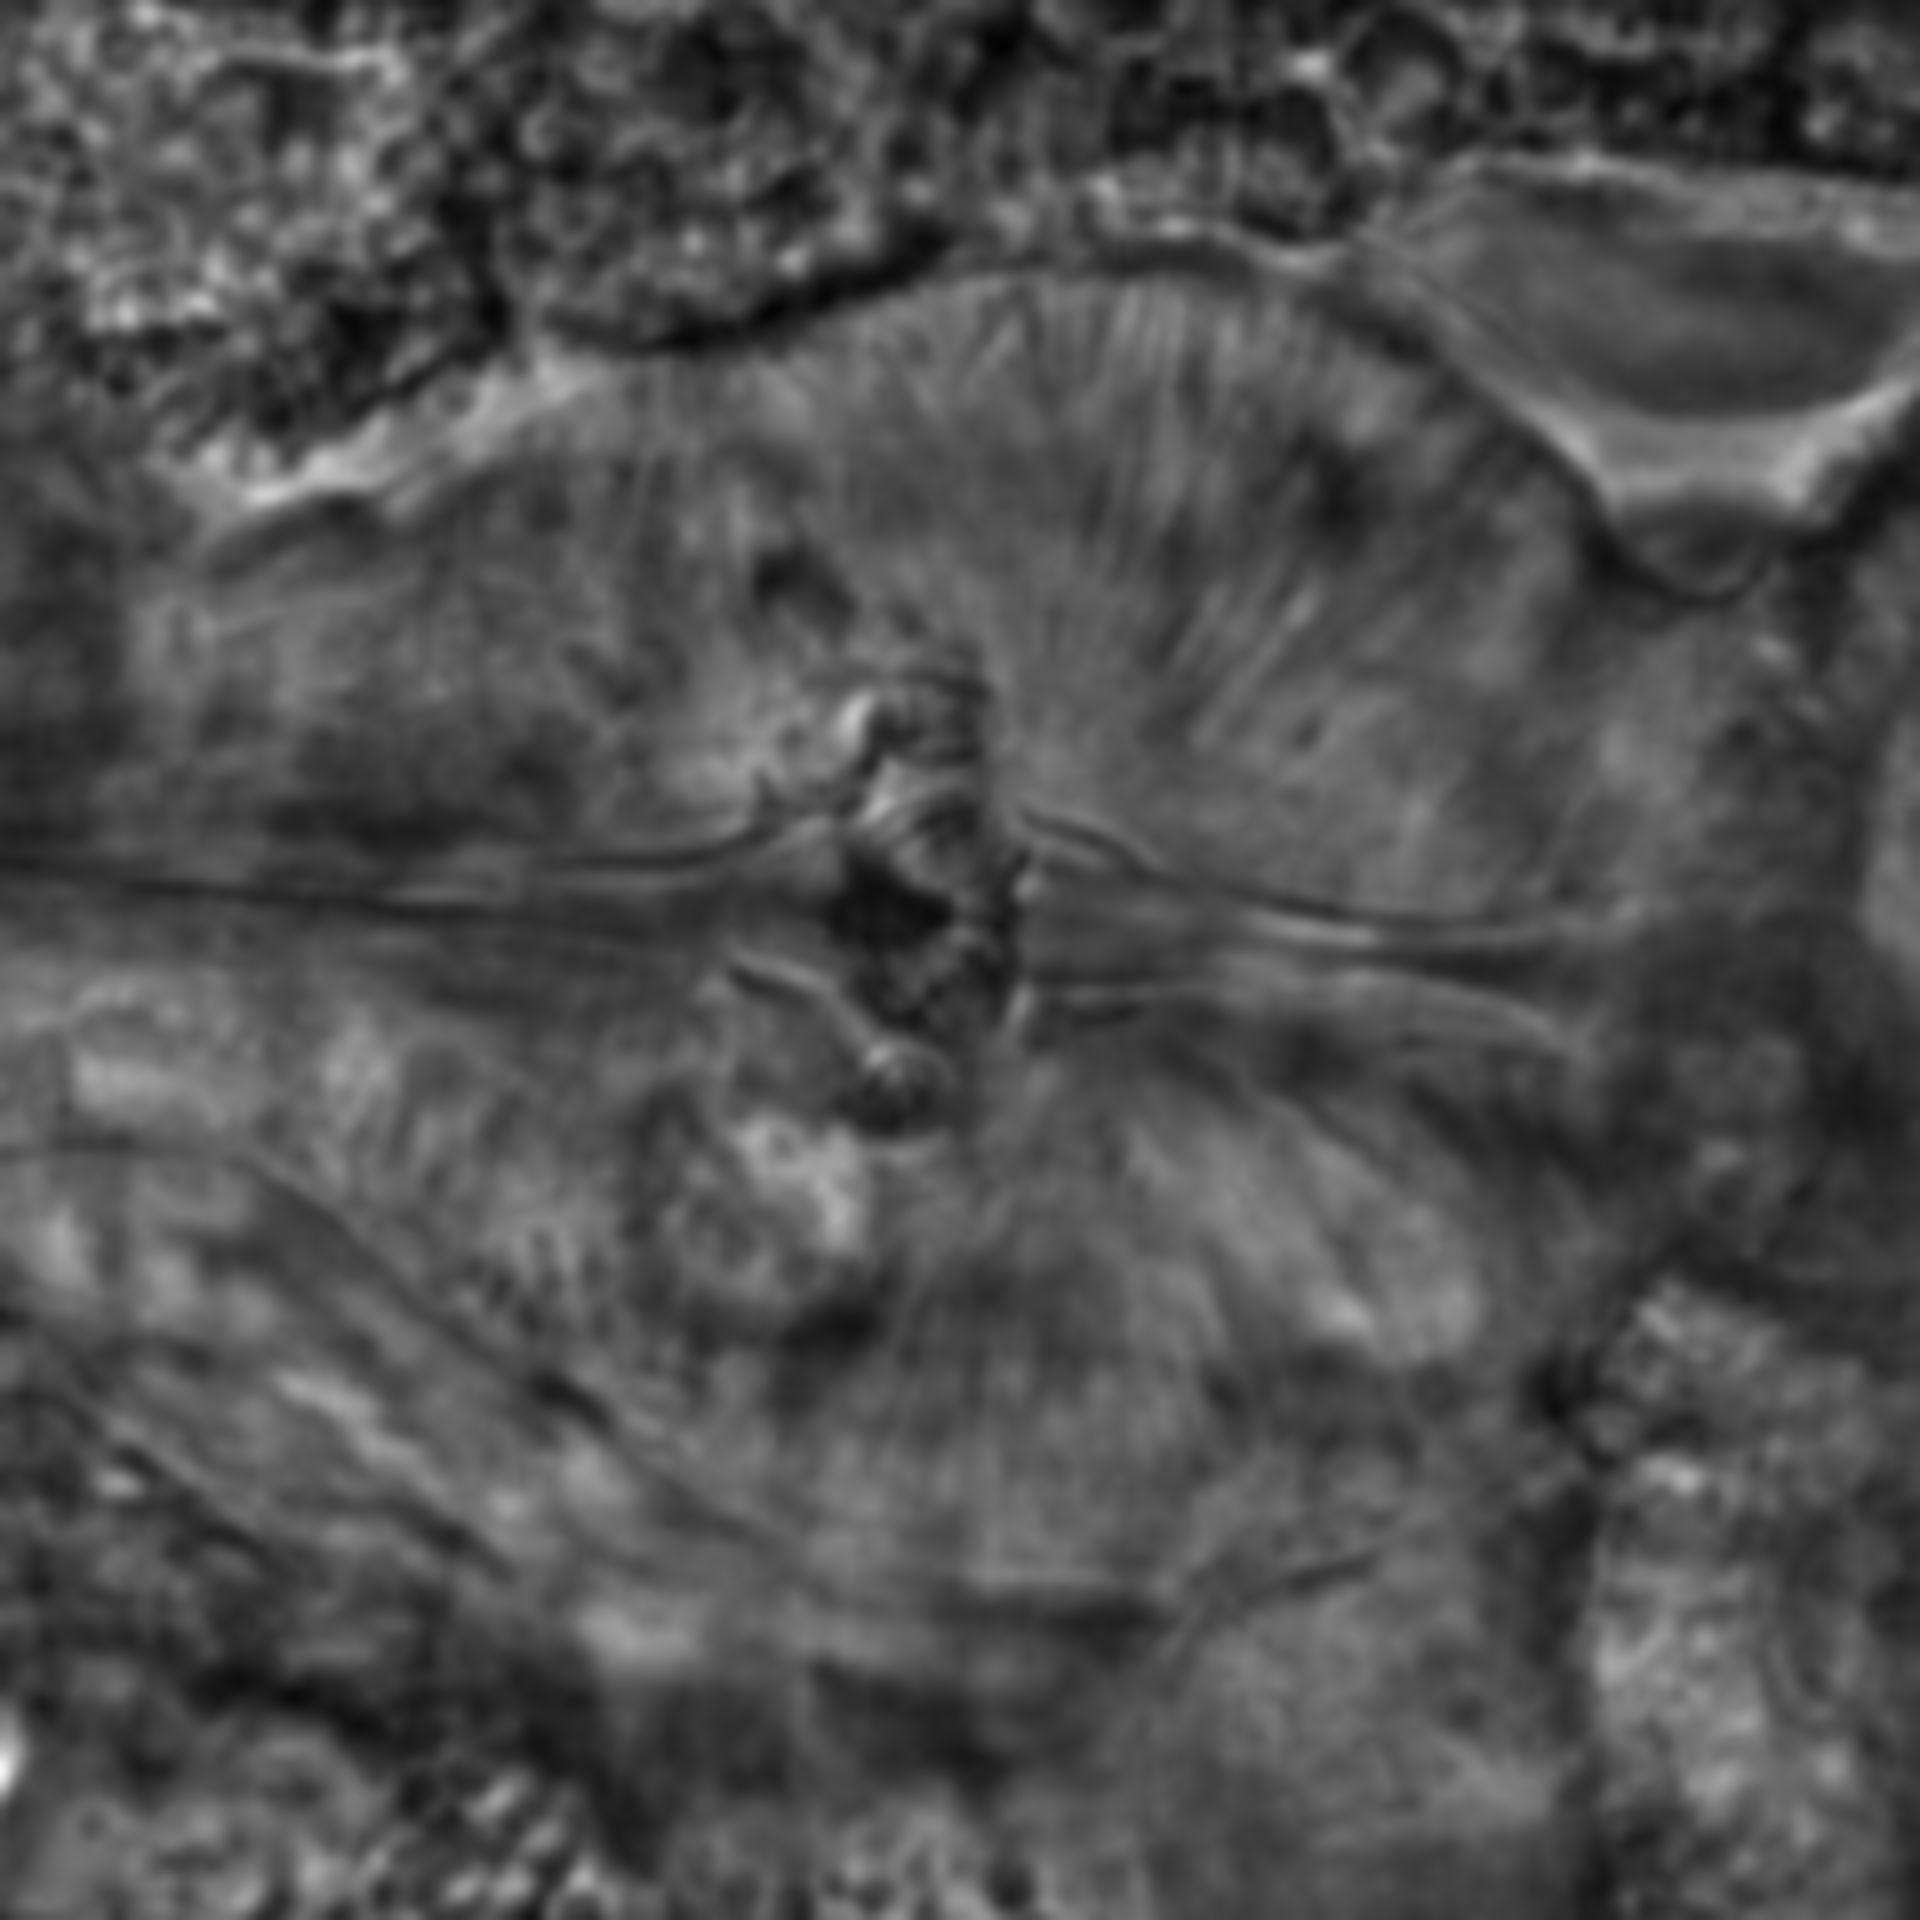 Caenorhabditis elegans - CIL:2200